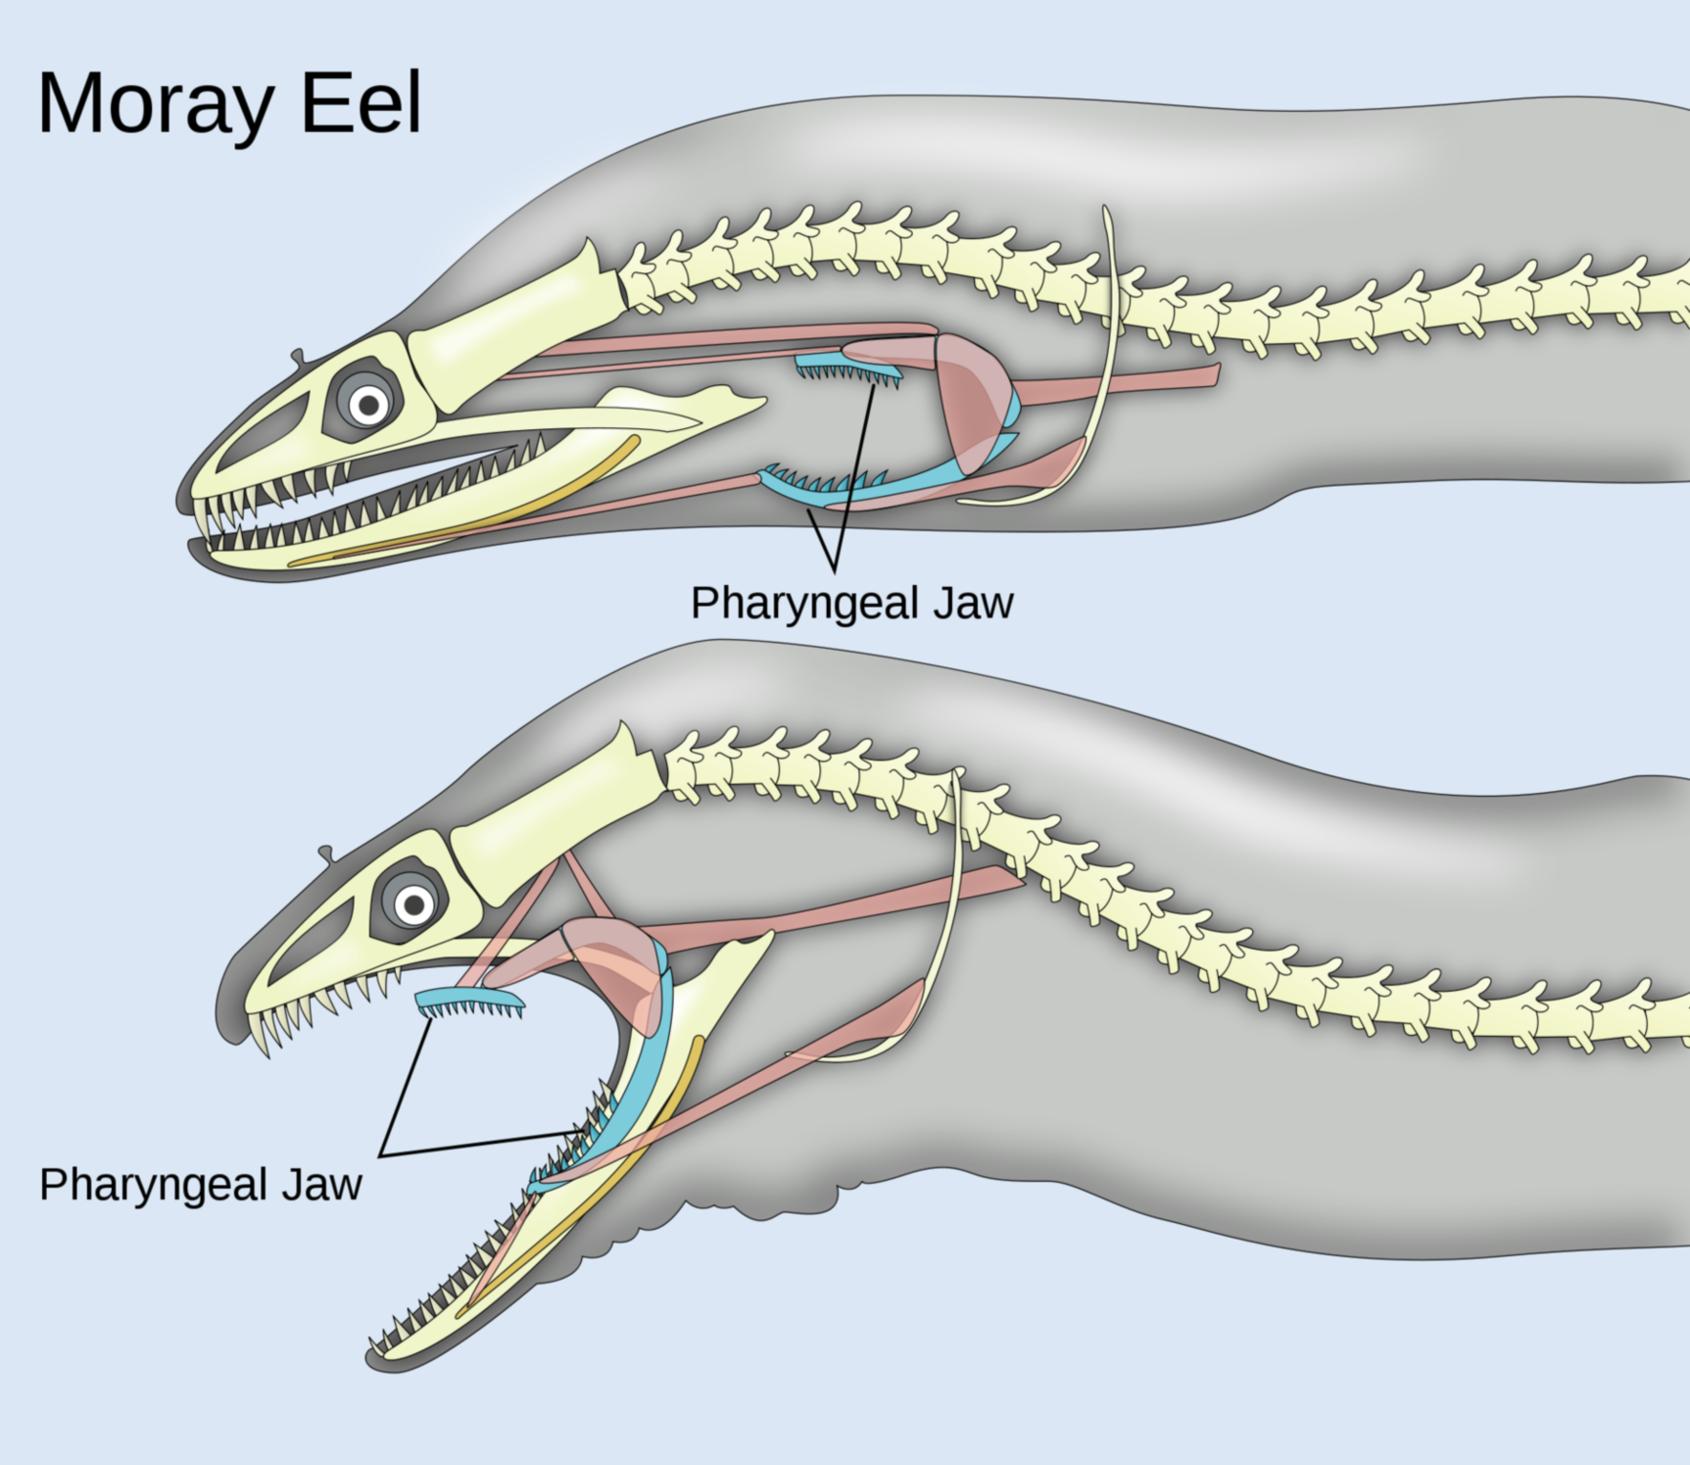 moray_eel